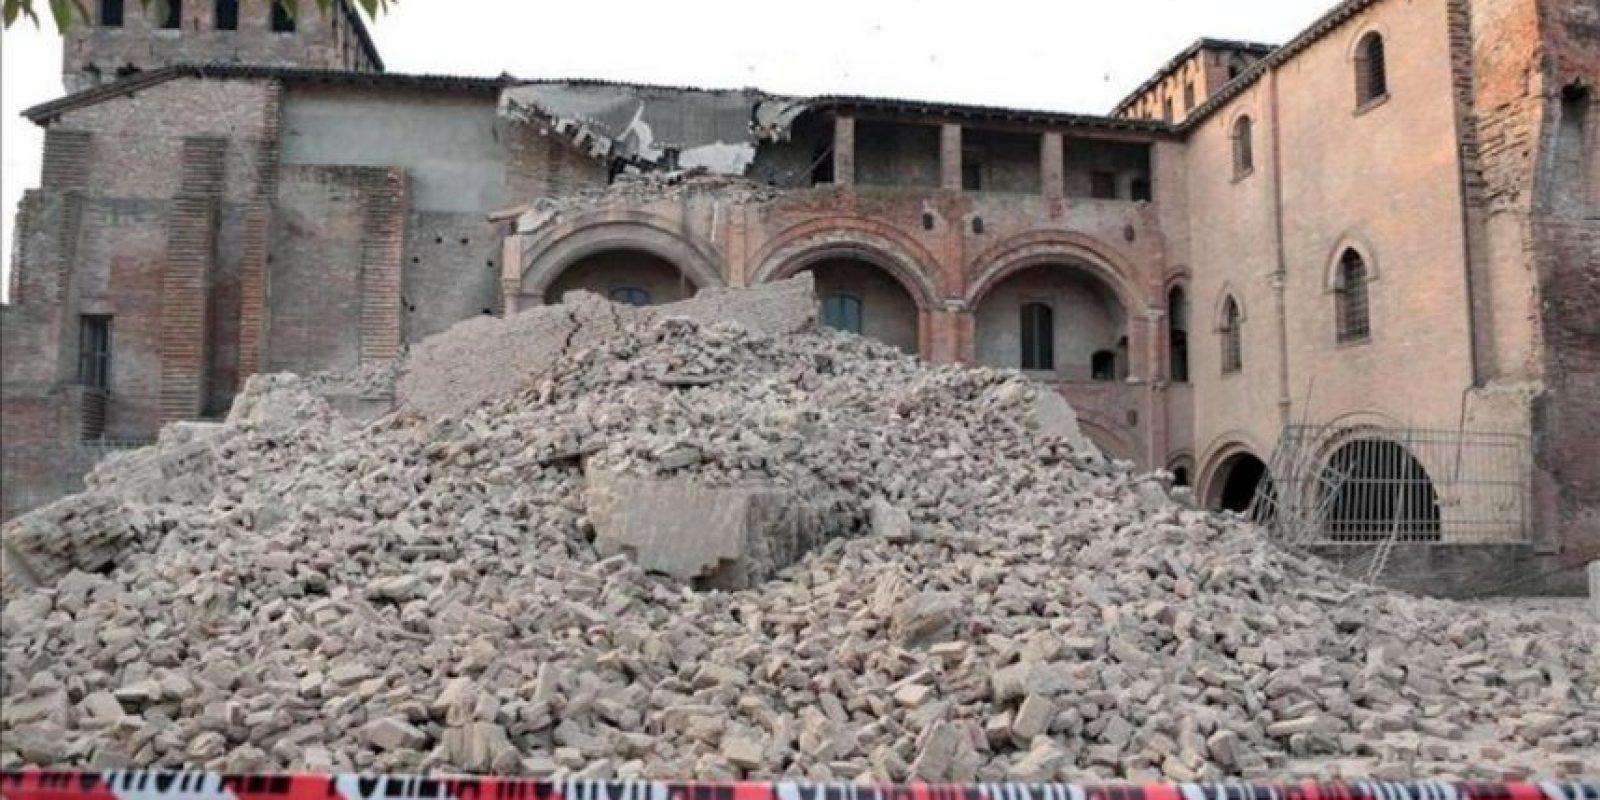 Vista general de una calle bloqueada por los escombros de un edificio tras un terremoto de 5,9 grados de magnitud en la escala Richter registrado hoy, en la región de Emilia Romagna (norte de Italia). EFE